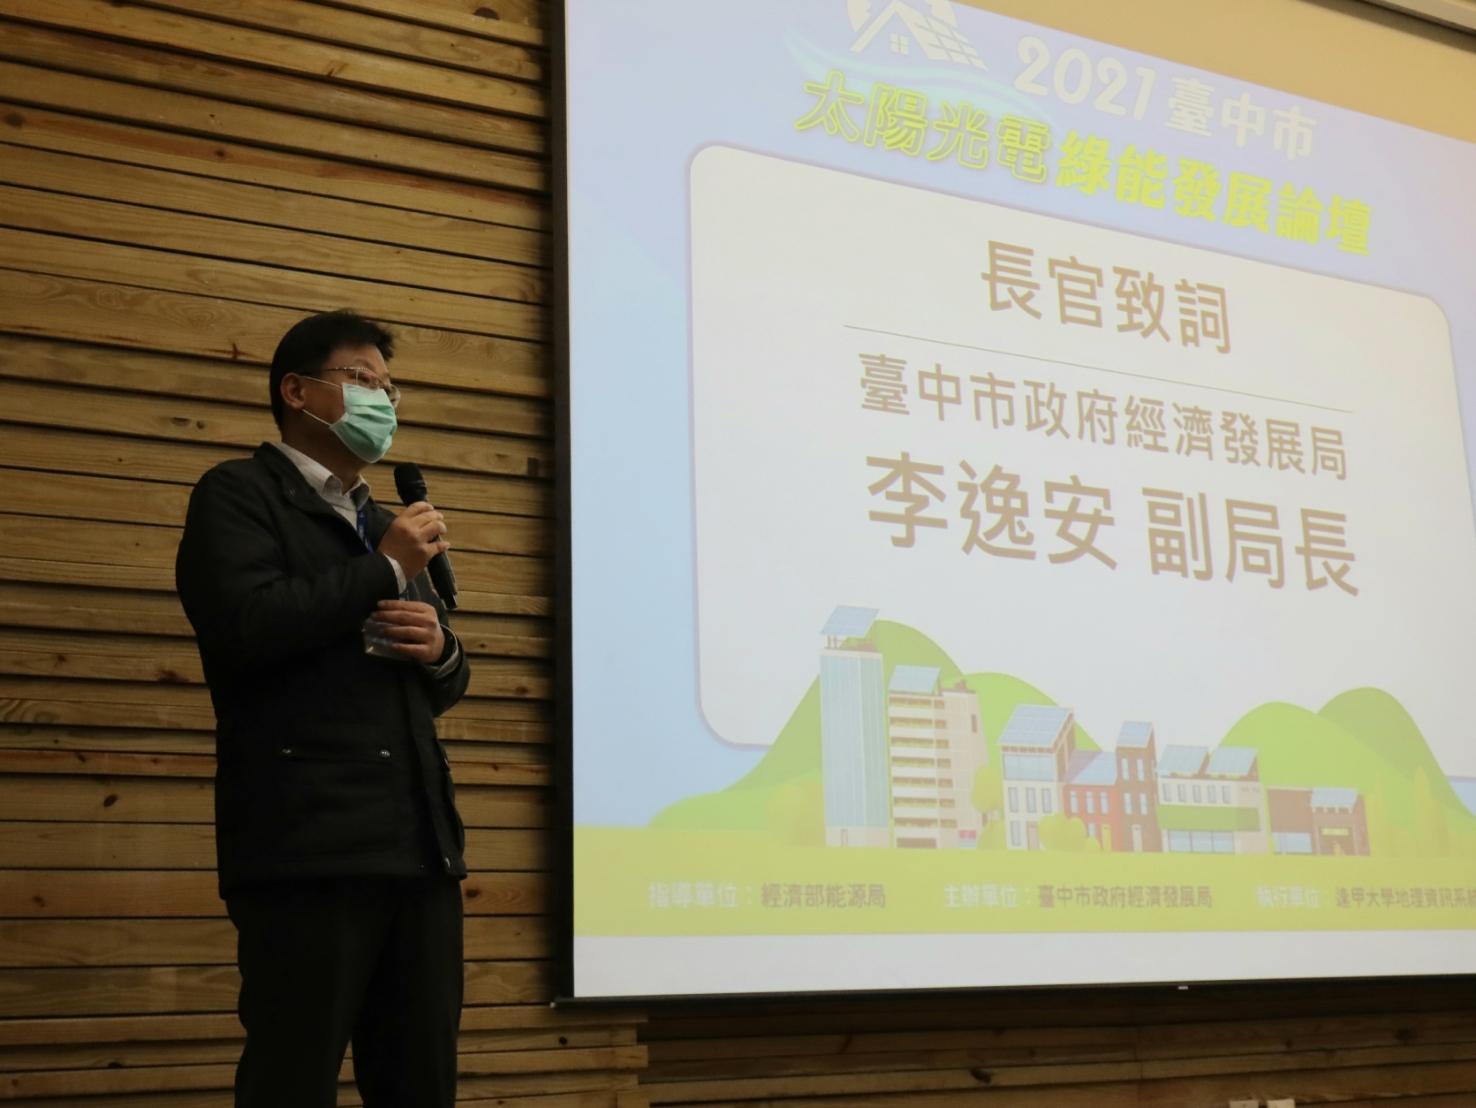 經發局李逸安副局長表示,為達到「光電3倍增」之目標,臺中市政府積極推動再生能源。(圖/逢甲大學地理資訊研究中心提供)